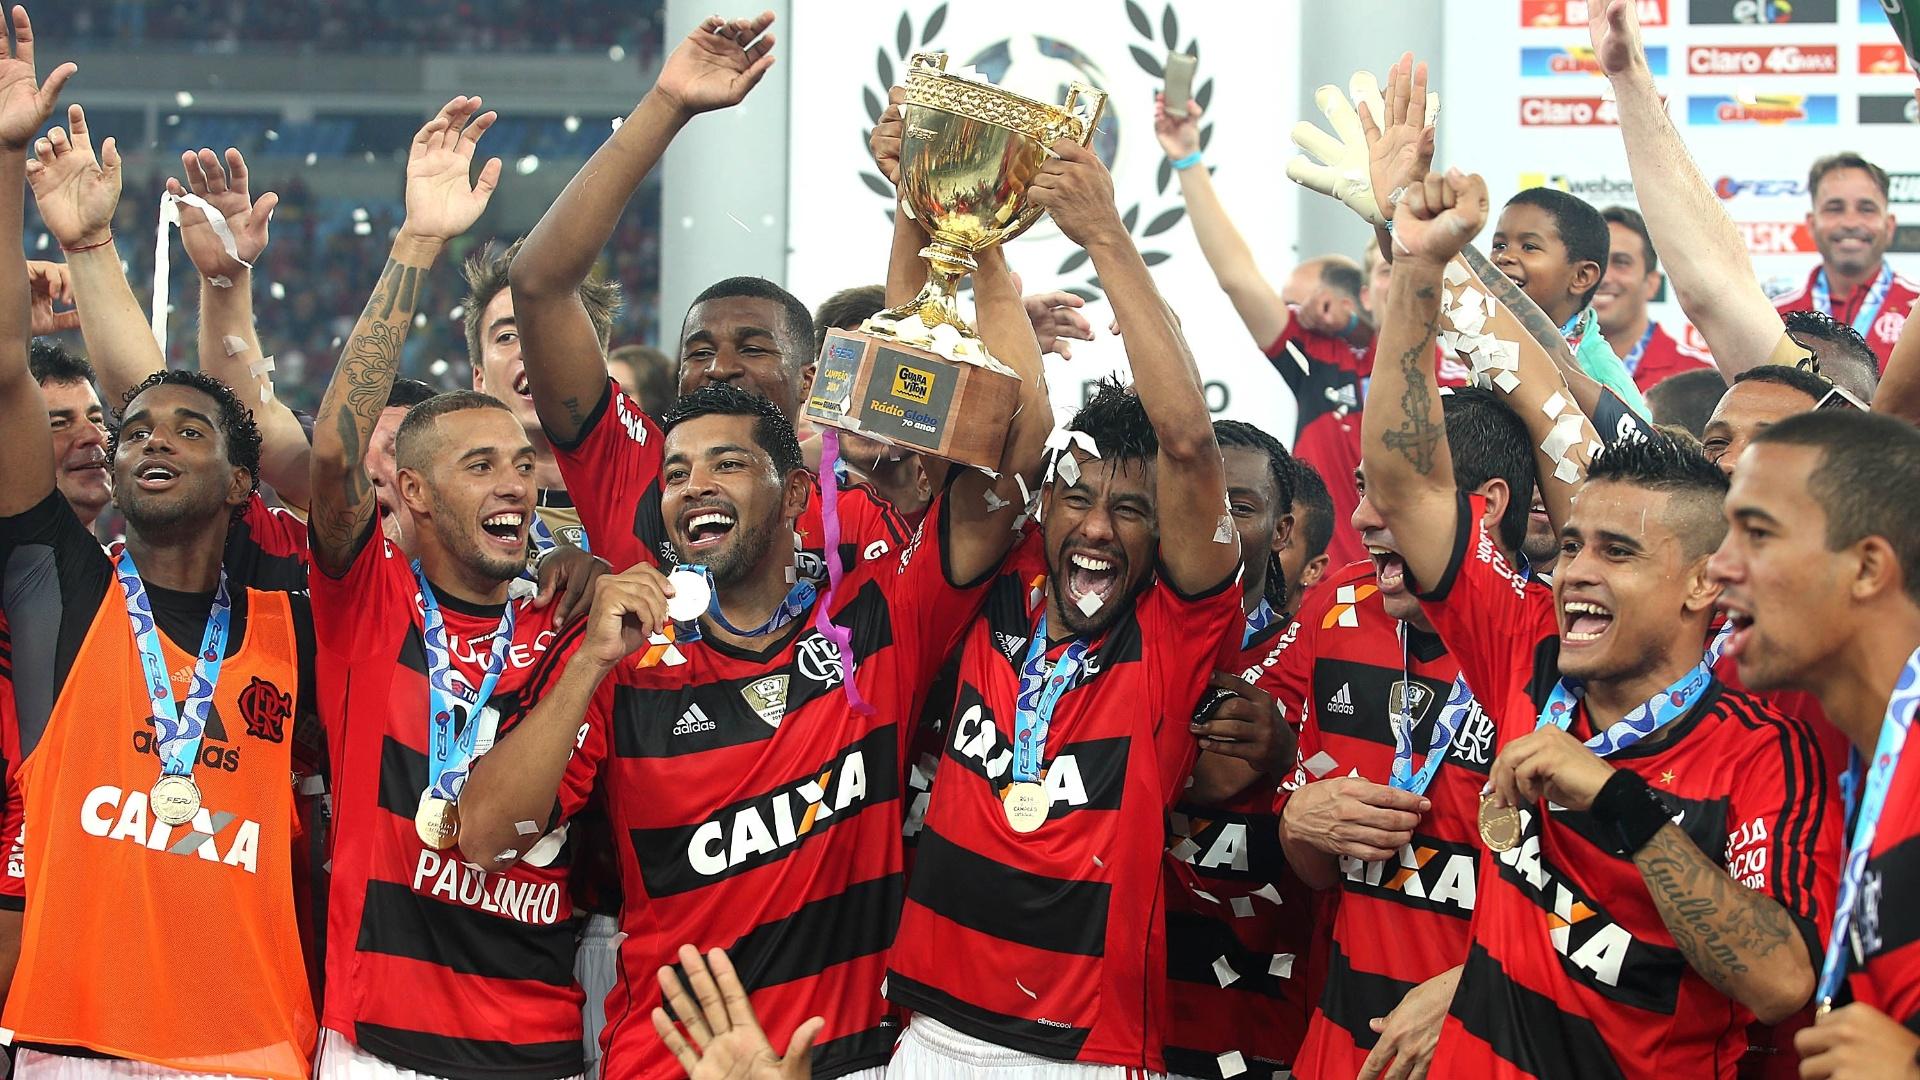 Jogadores do Flamengo fazem a festa com a taça do Campeonato Carioca